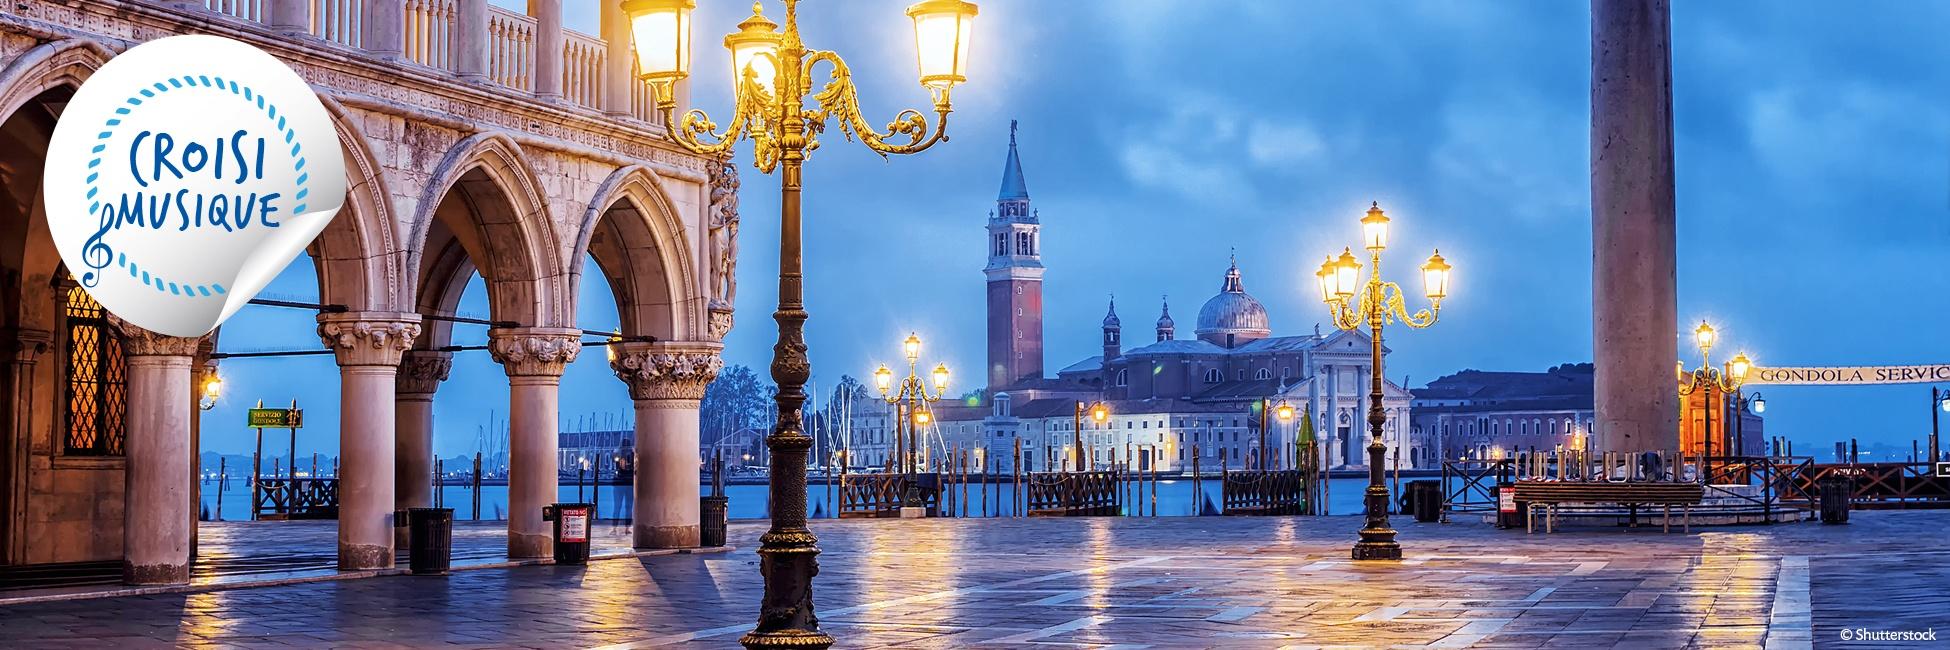 Venise au coeur du bel canto formule port port croisieurope - Hotel venise port croisiere ...